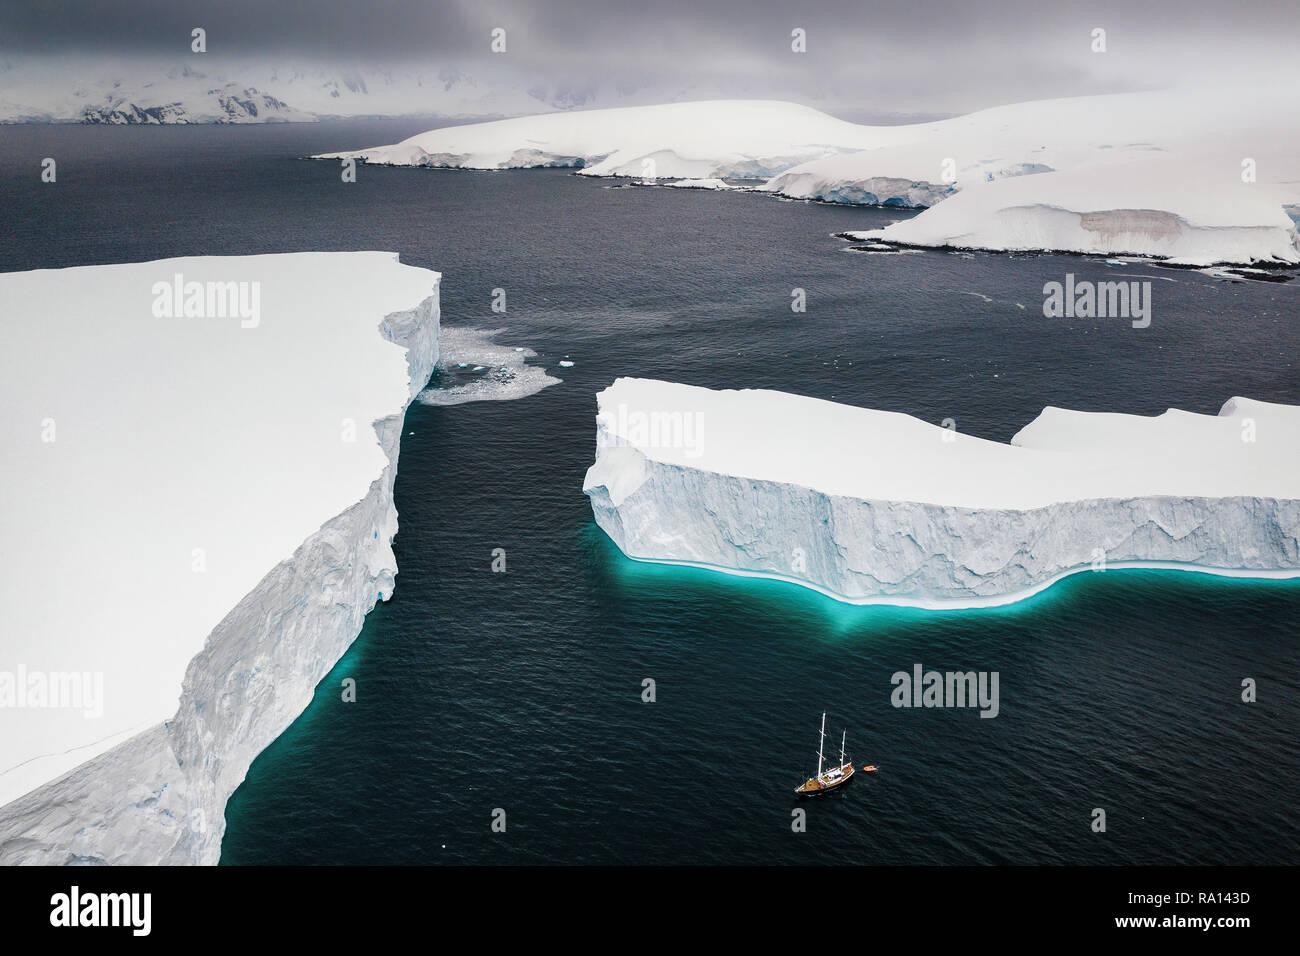 Segeln durch enorm riesige Eisberge in der Nähe von Melchior Inseln in der Antarktis Stockfoto